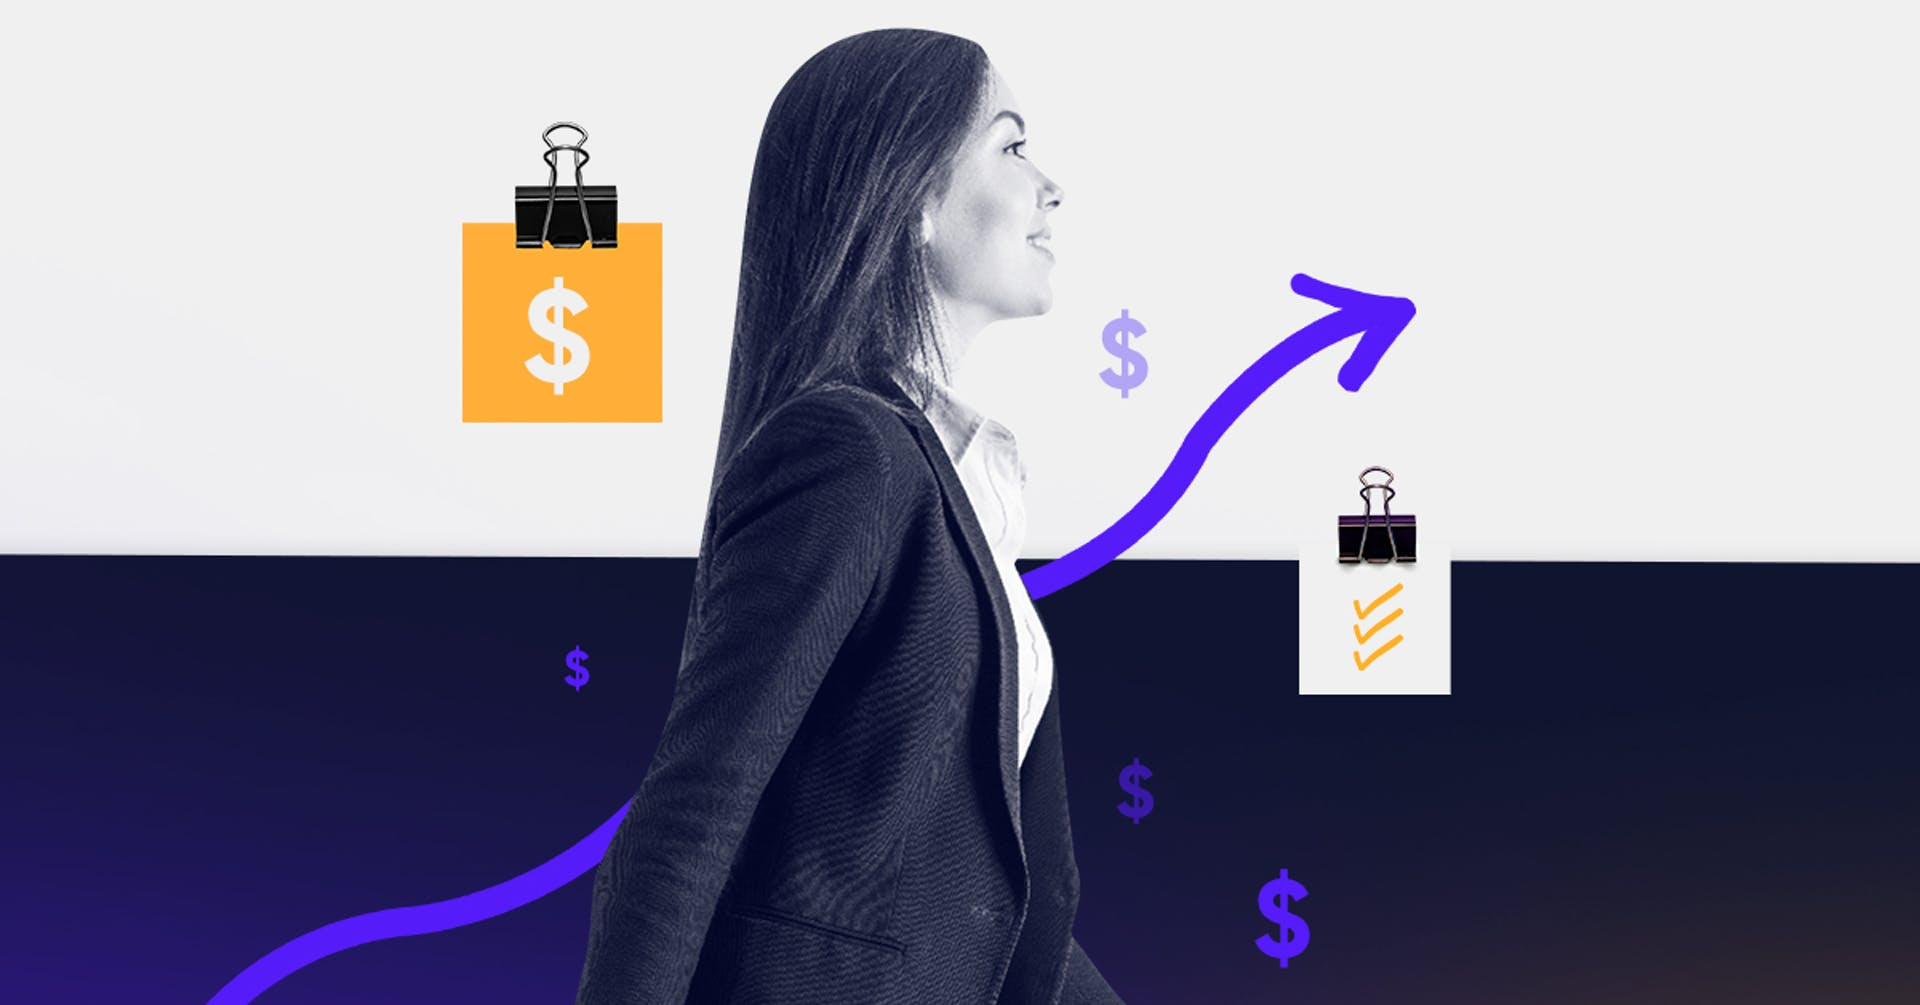 ¿Cómo un HR Manager debe determinar un rango salarial competitivo?